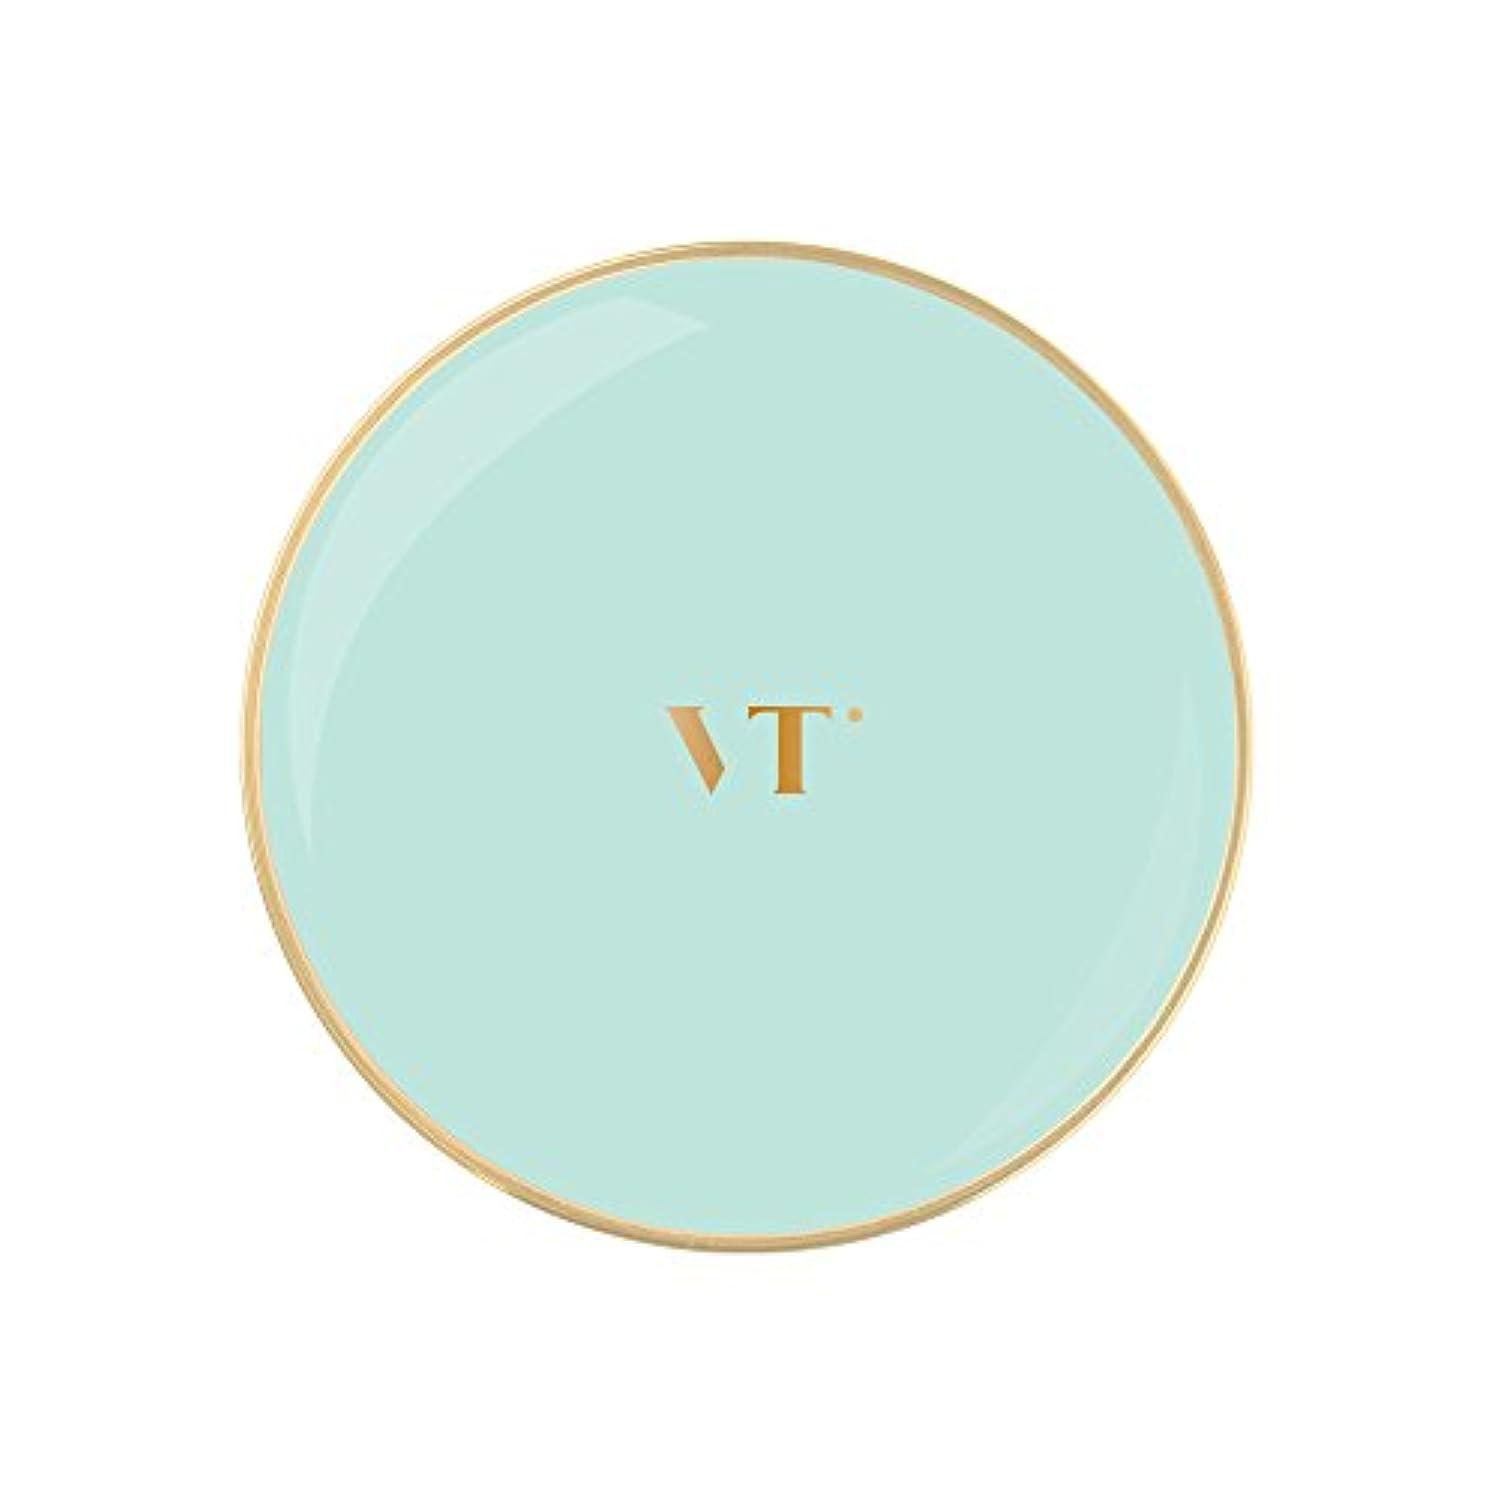 注釈を付ける会う浜辺VT Blue Collagen Pact 11g/ブイティー ブルー コラーゲン パクト 11g (#21) [並行輸入品]